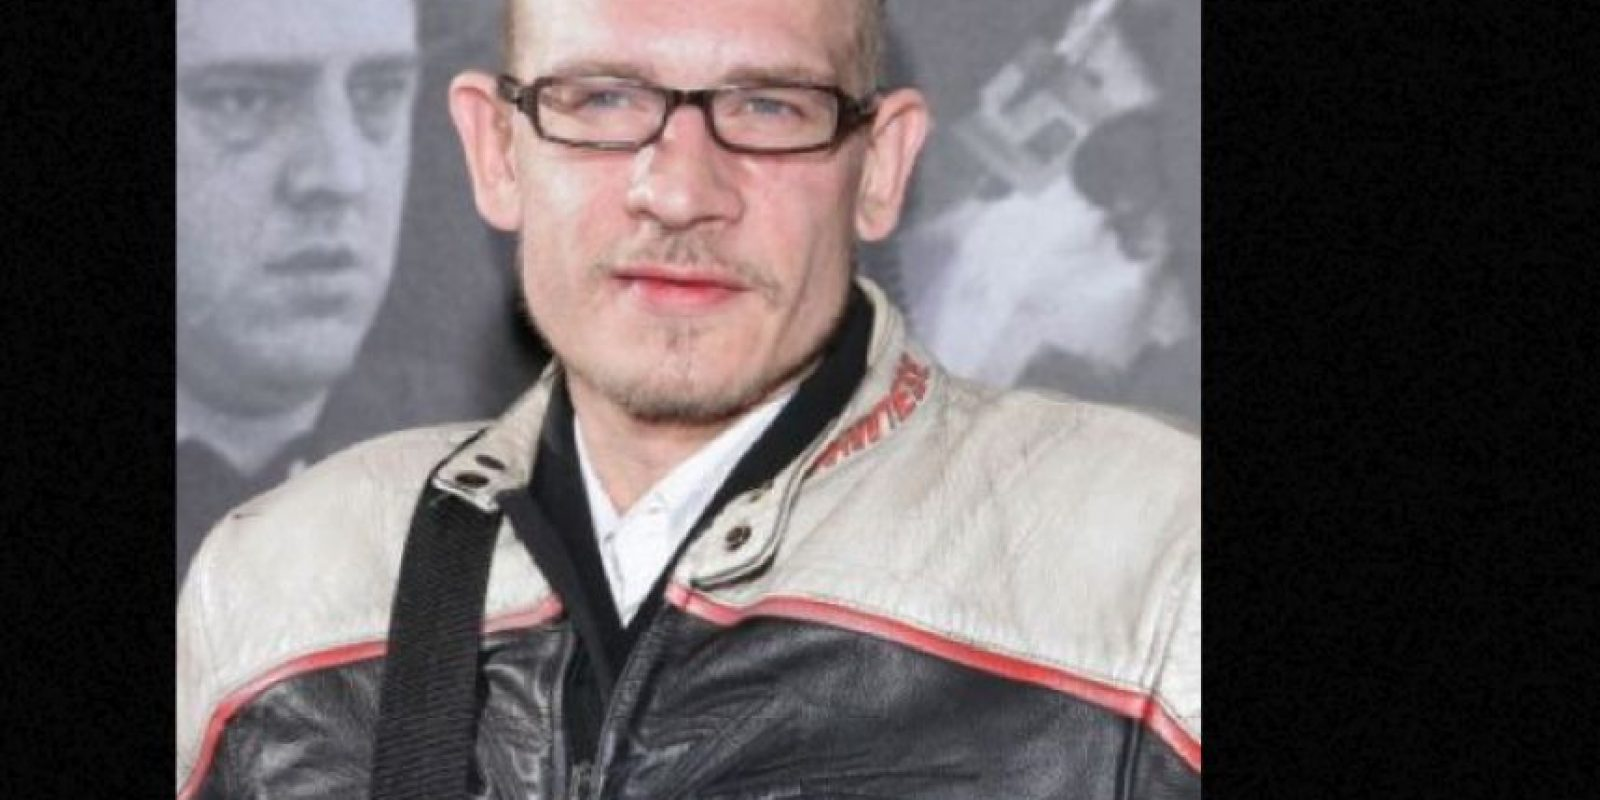 Se hizo aficionado a las drogas y el alcohol. En 1995 le amputaron la pierna, luego de manejar imprudentemente su moto. Le hicieron 17 cirugías para parar la infección, que lo terminó matando. Foto:vía Getty Images